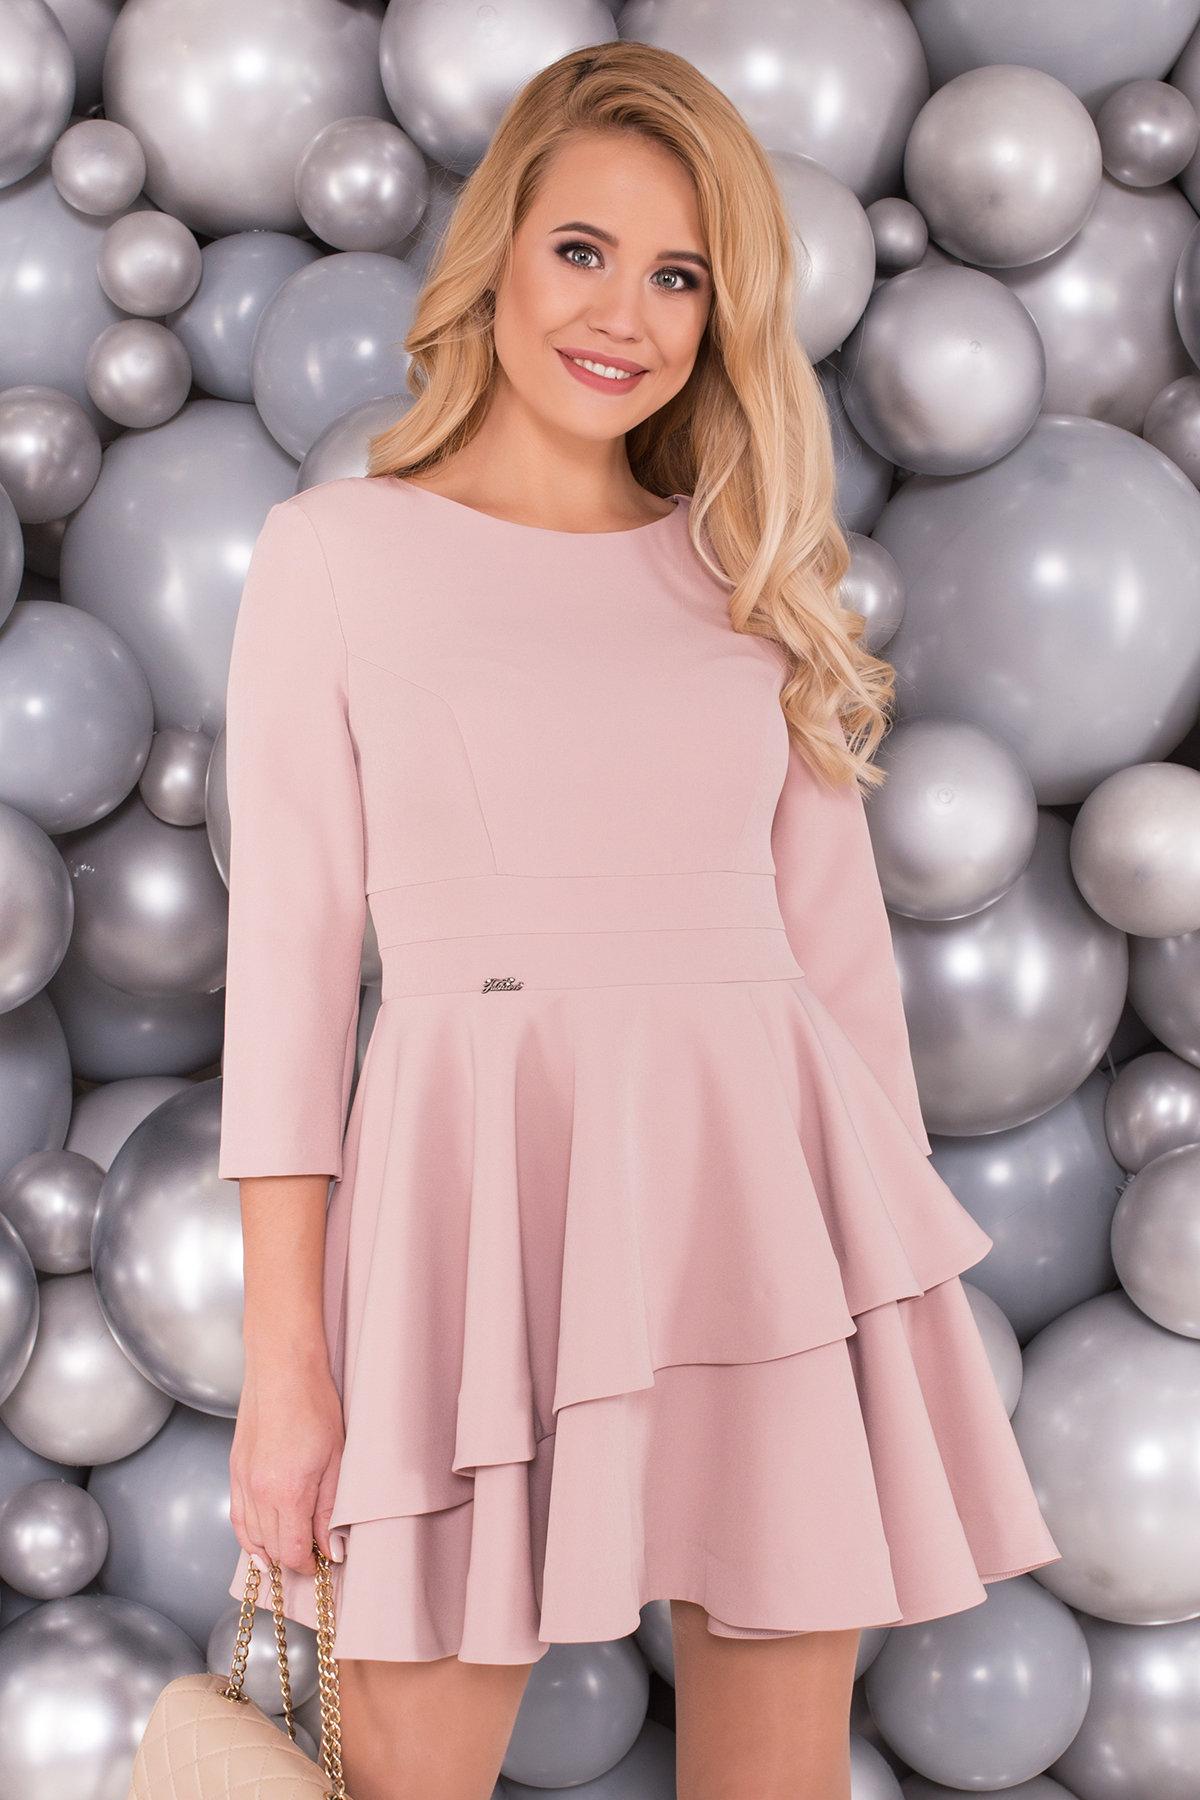 Платье Симур 5913 АРТ. 40635 Цвет: Пудра - фото 3, интернет магазин tm-modus.ru